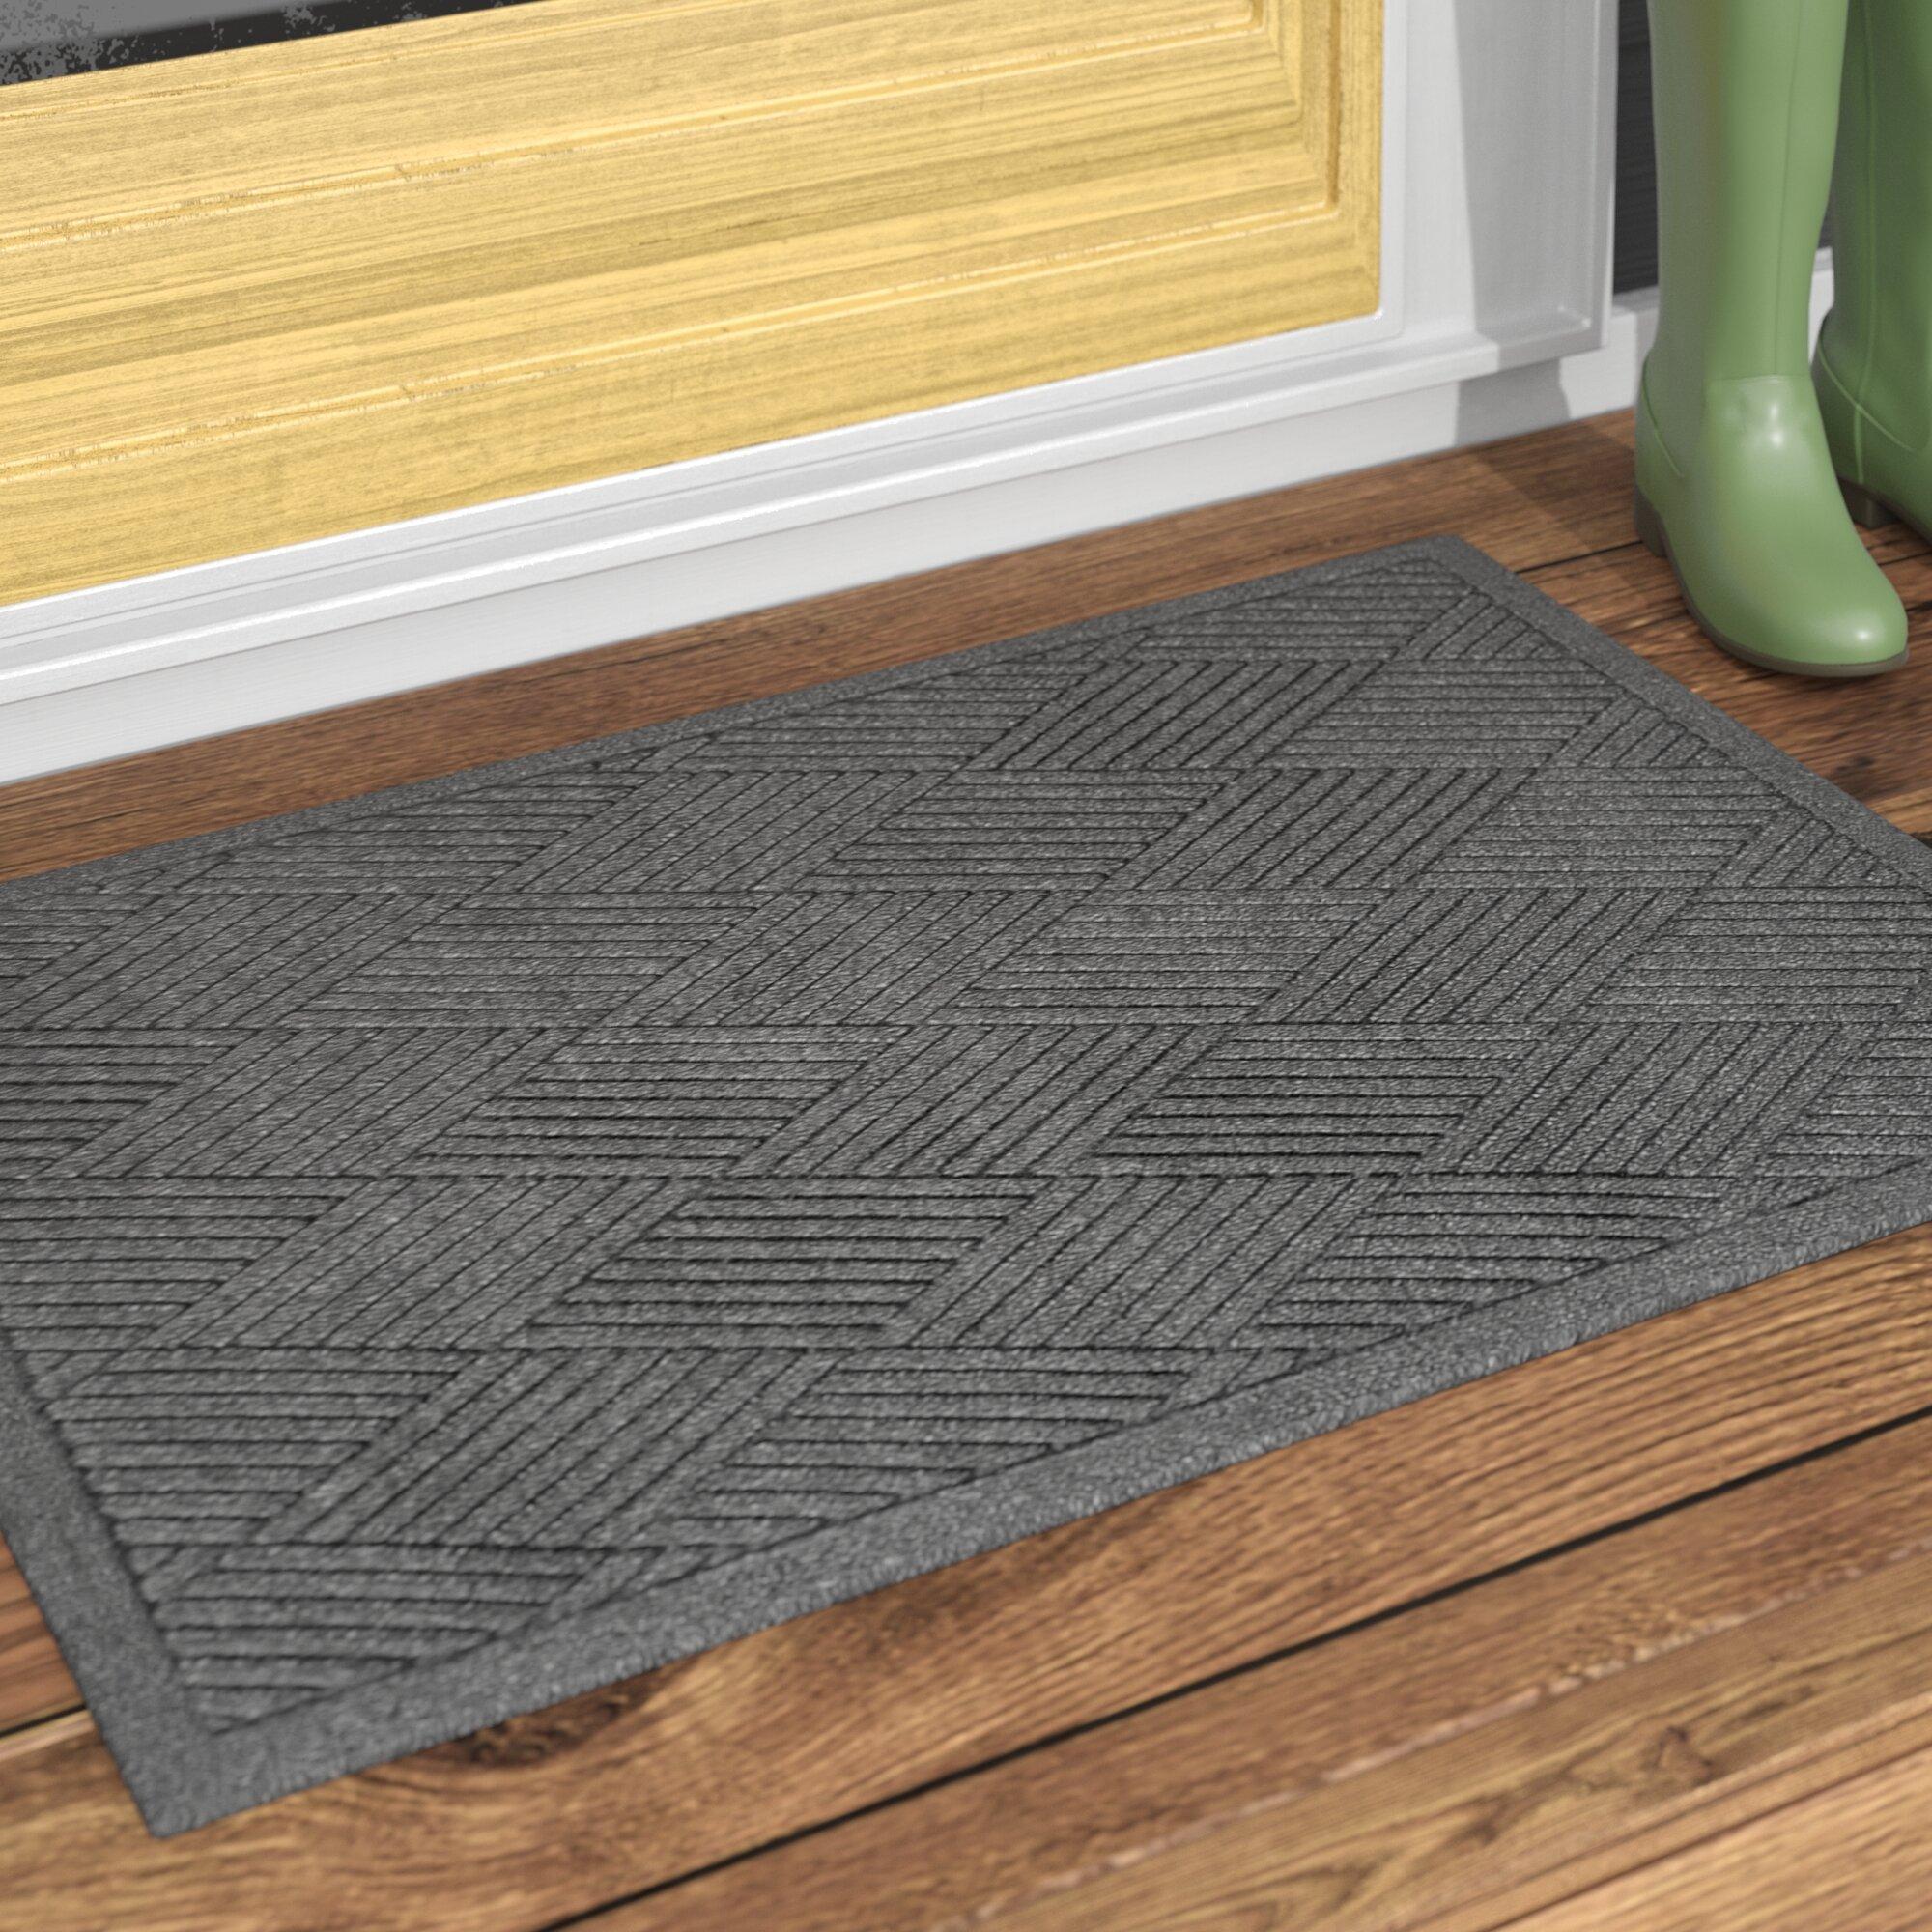 Outdoor Door Mat Commercial Entrance Indoor Floor Rubber Entry Rug Non-Slip Safe